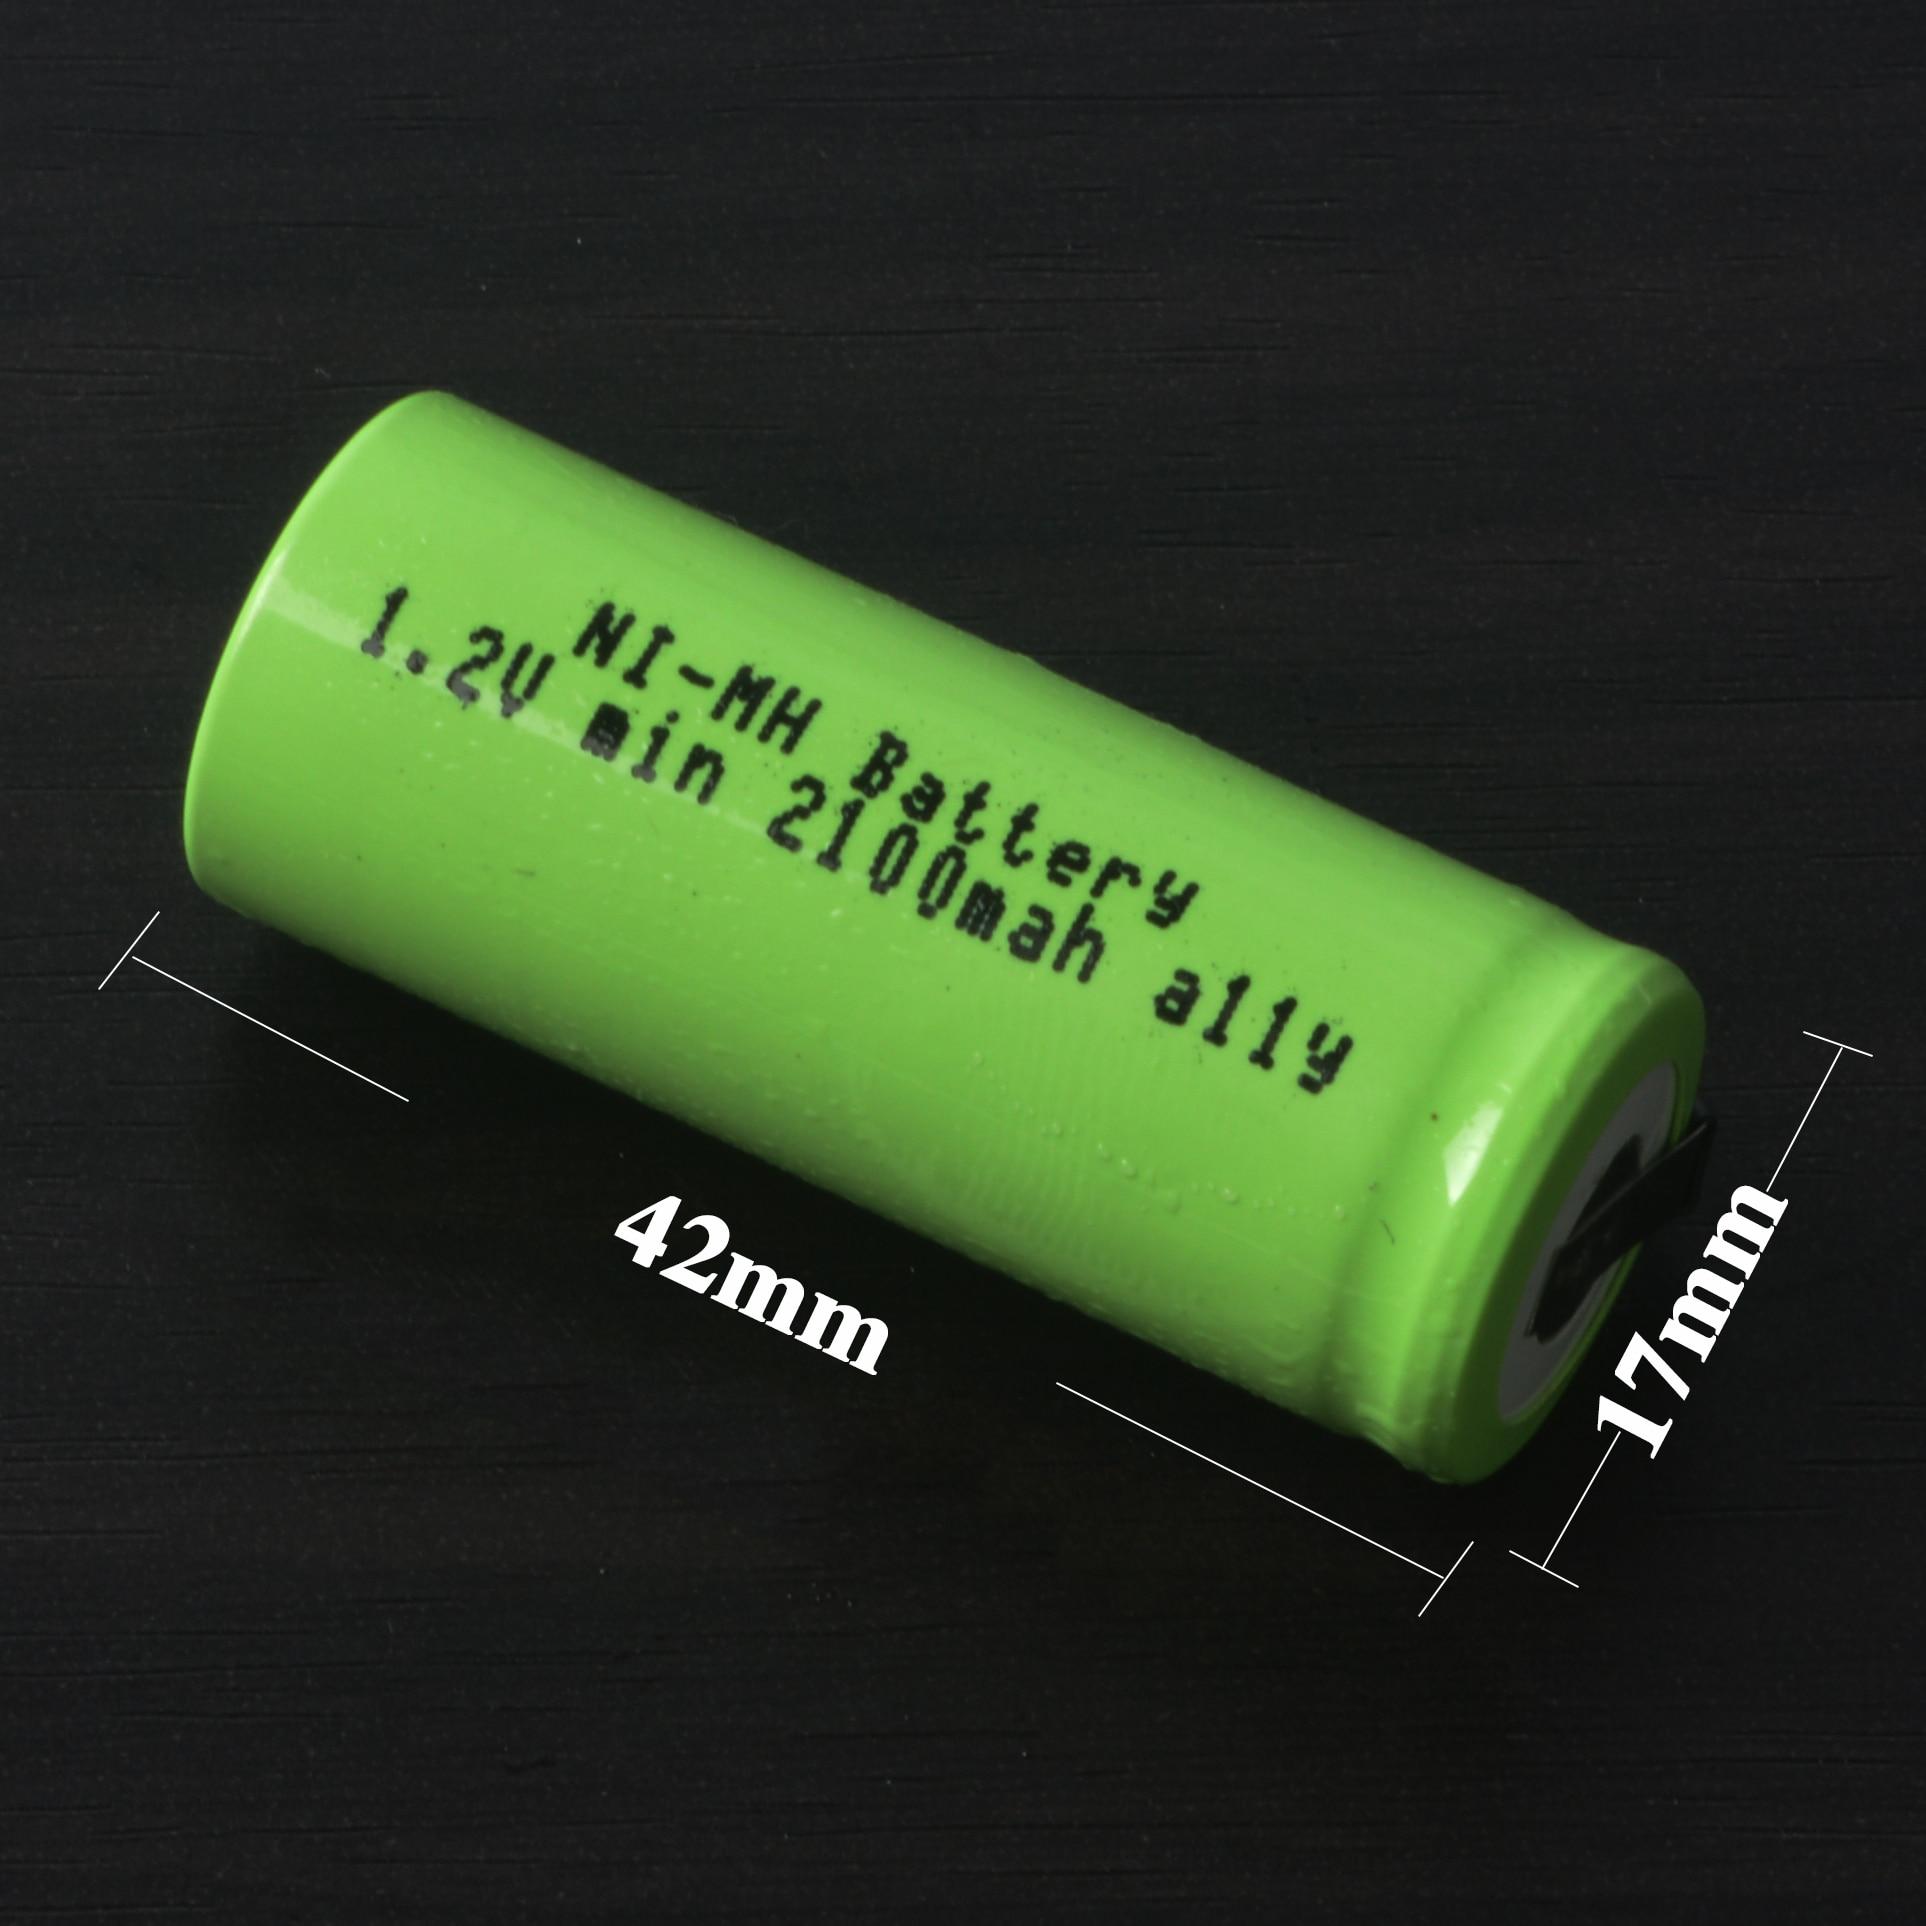 Zahnbürste Ersatz Batterie für Braun Oral B D32 D30 D25 D34 3731 3738 3745 3728 3762 7000 elektrische zahnbürste Batterie